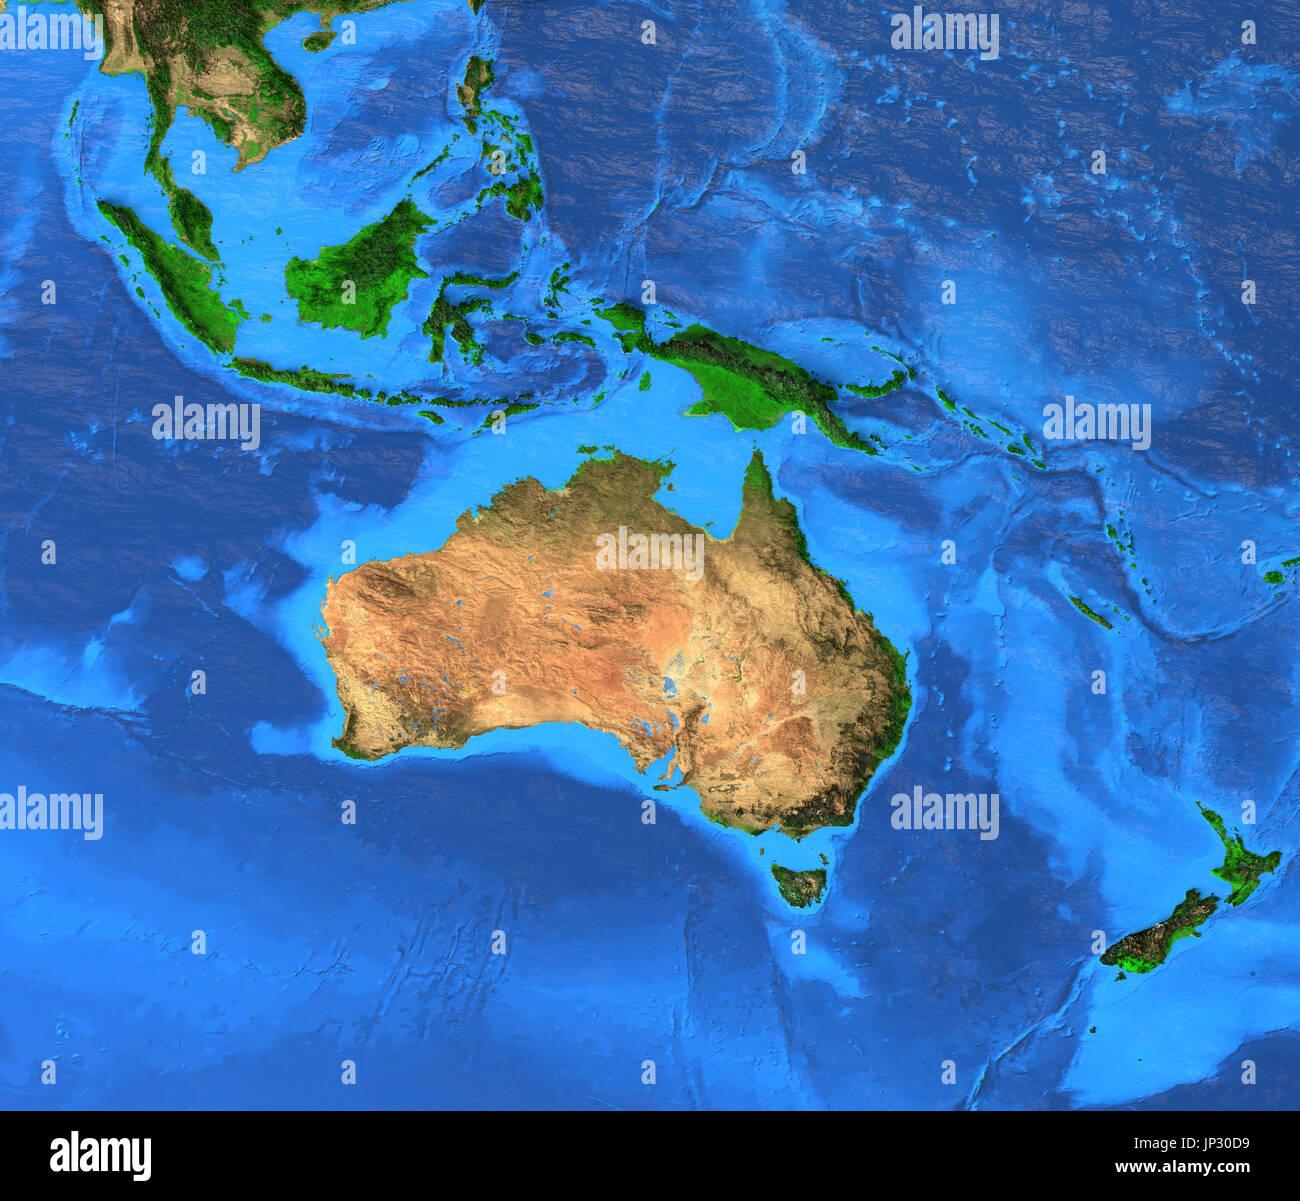 Carte d'Océanie - Australie, Polynésie, Mélanésie, Micronésie région. Vue détaillée de la Terre et de son relief. Éléments de cette fourrure d'image Photo Stock